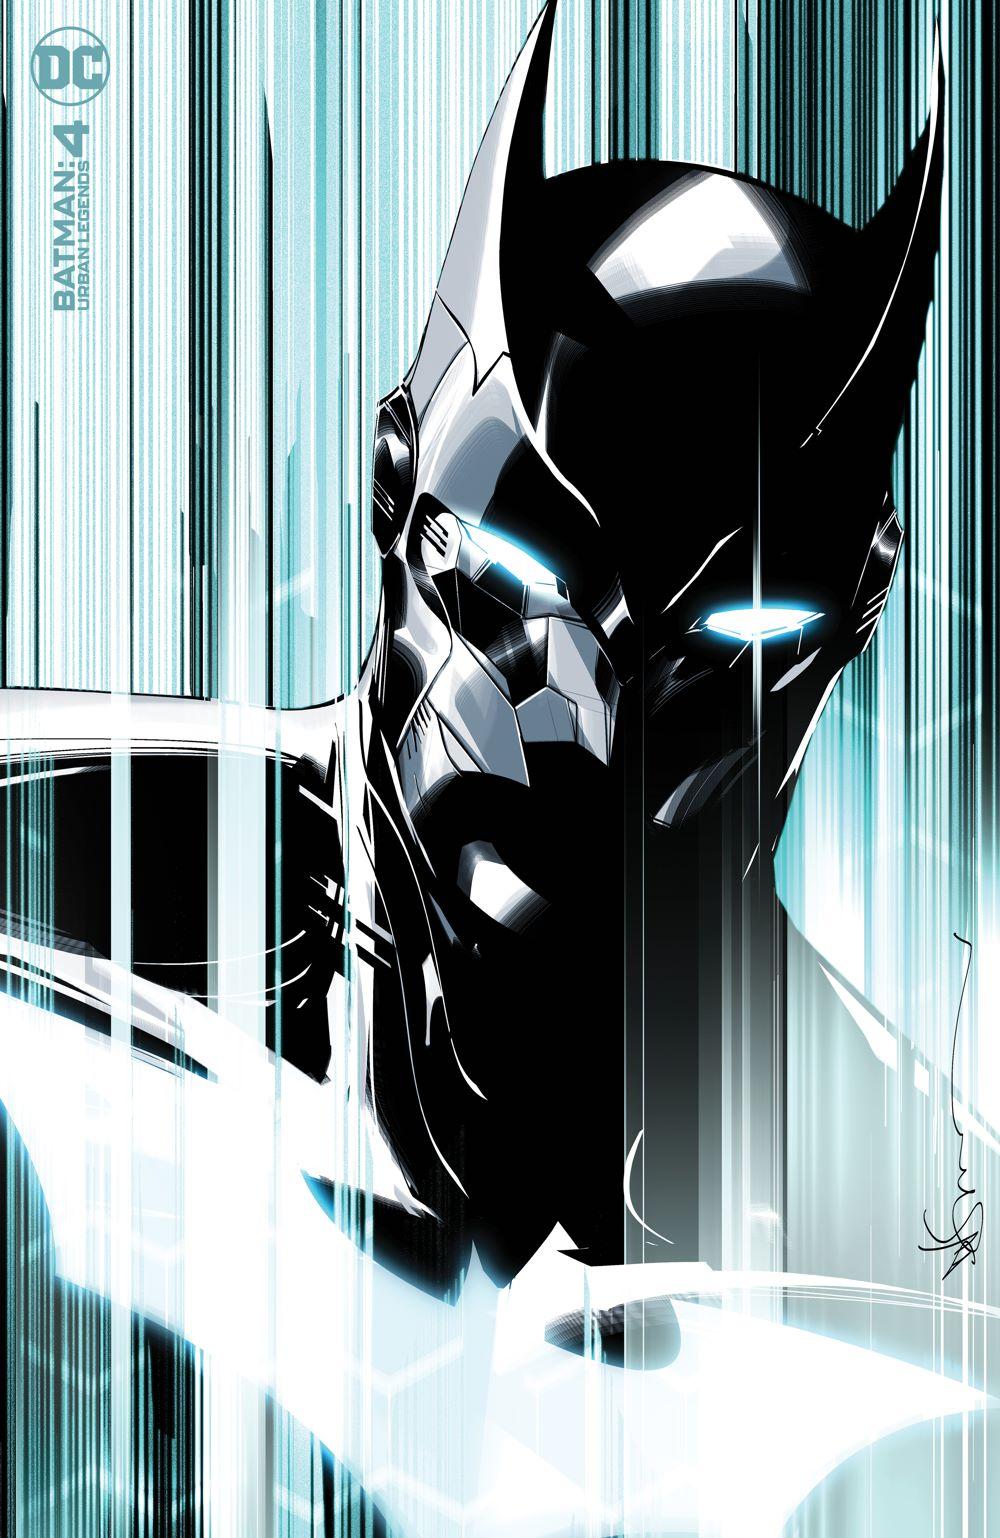 BM_UL_Cv4_var2 DC Comics June 2021 Solicitations